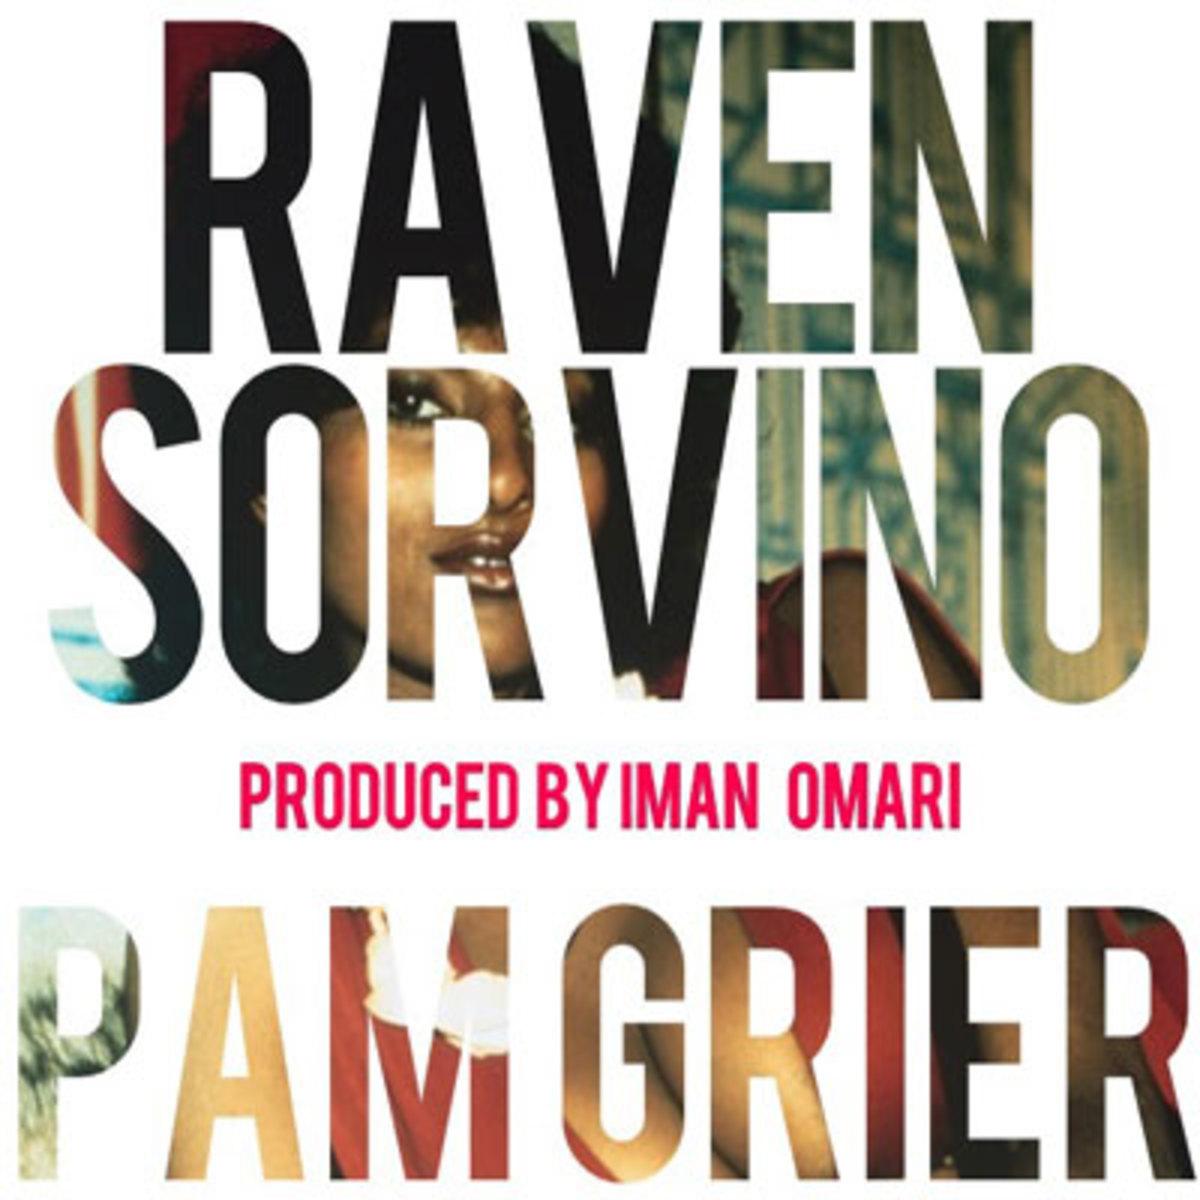 ravensorvino-pamgrier.jpg